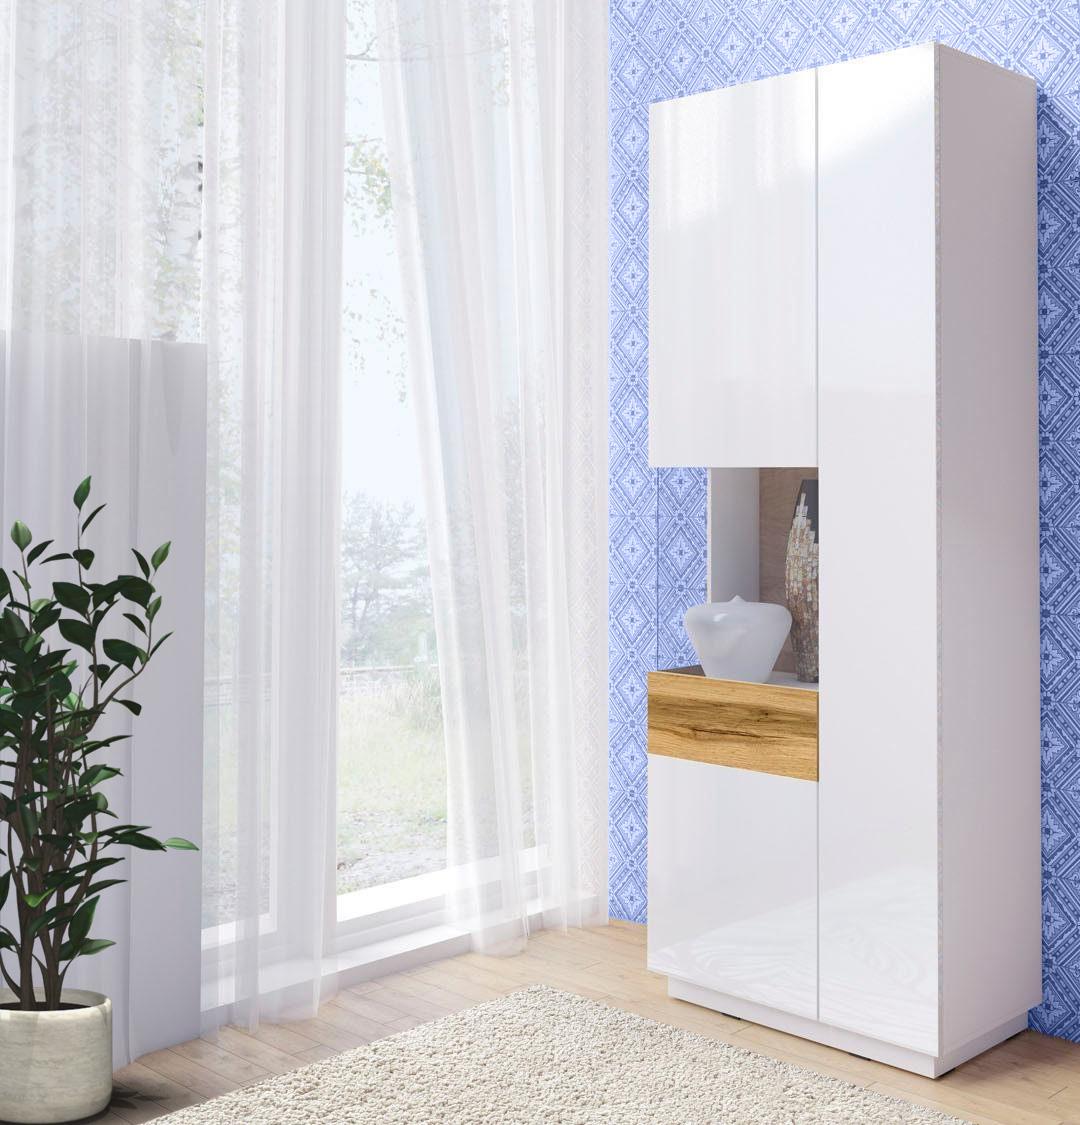 Standvitrine Vitrine Glasvitrine Schrank weiß hochglanz votaneiche 80cm